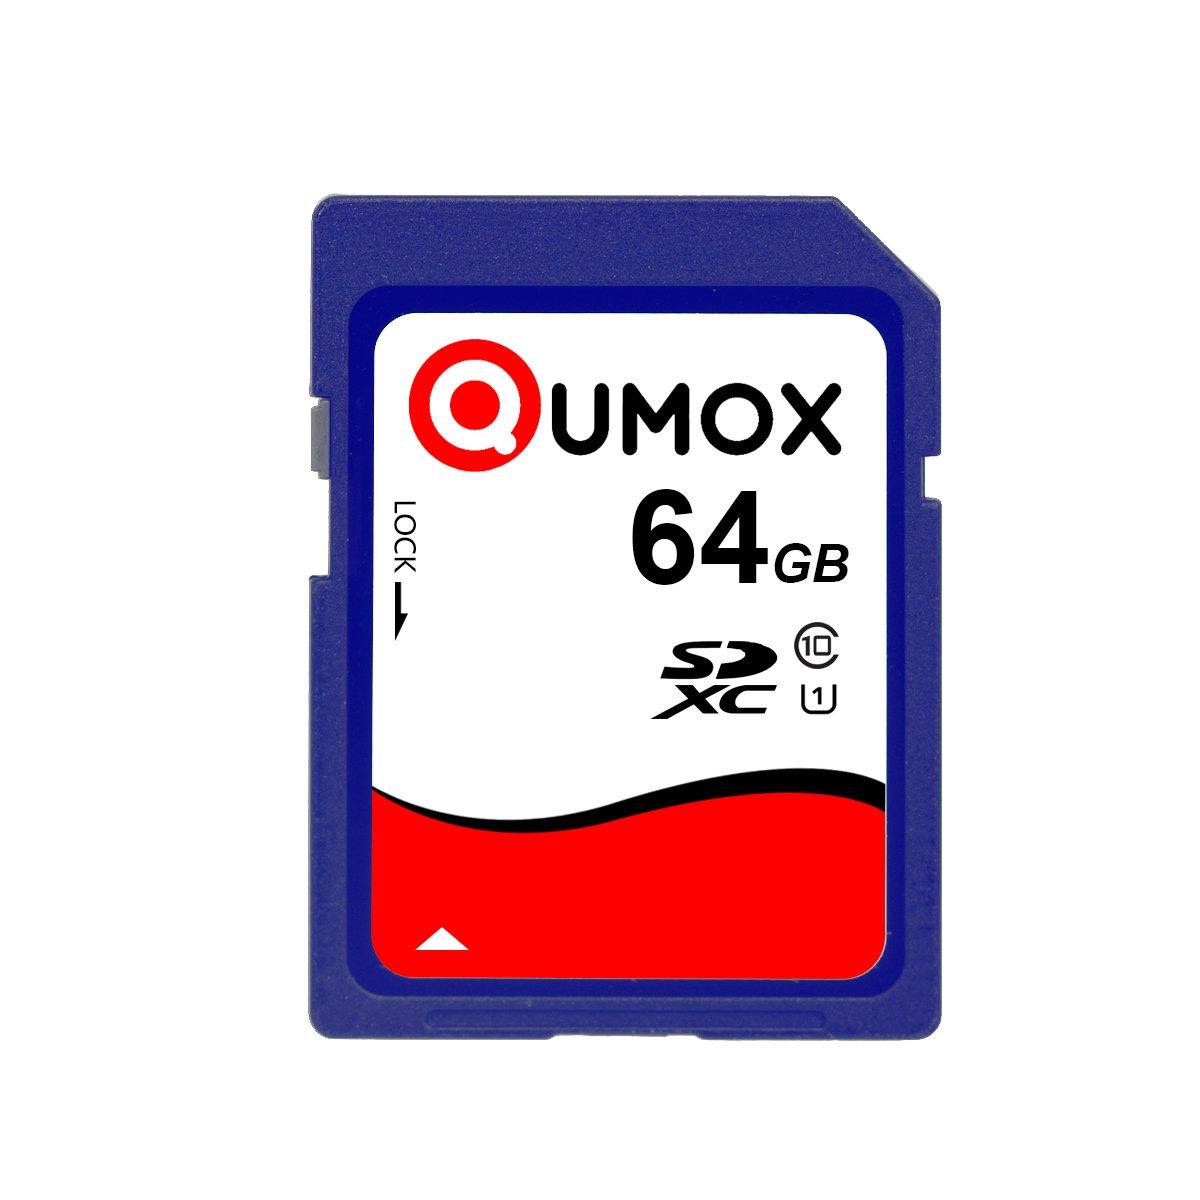 QUMOX 64GB 40MB / s SDXC 64GB classe 10 UHS-I Scheda di memoria digitale sicura QX-SDXC-C10-64G-WR-Bulk